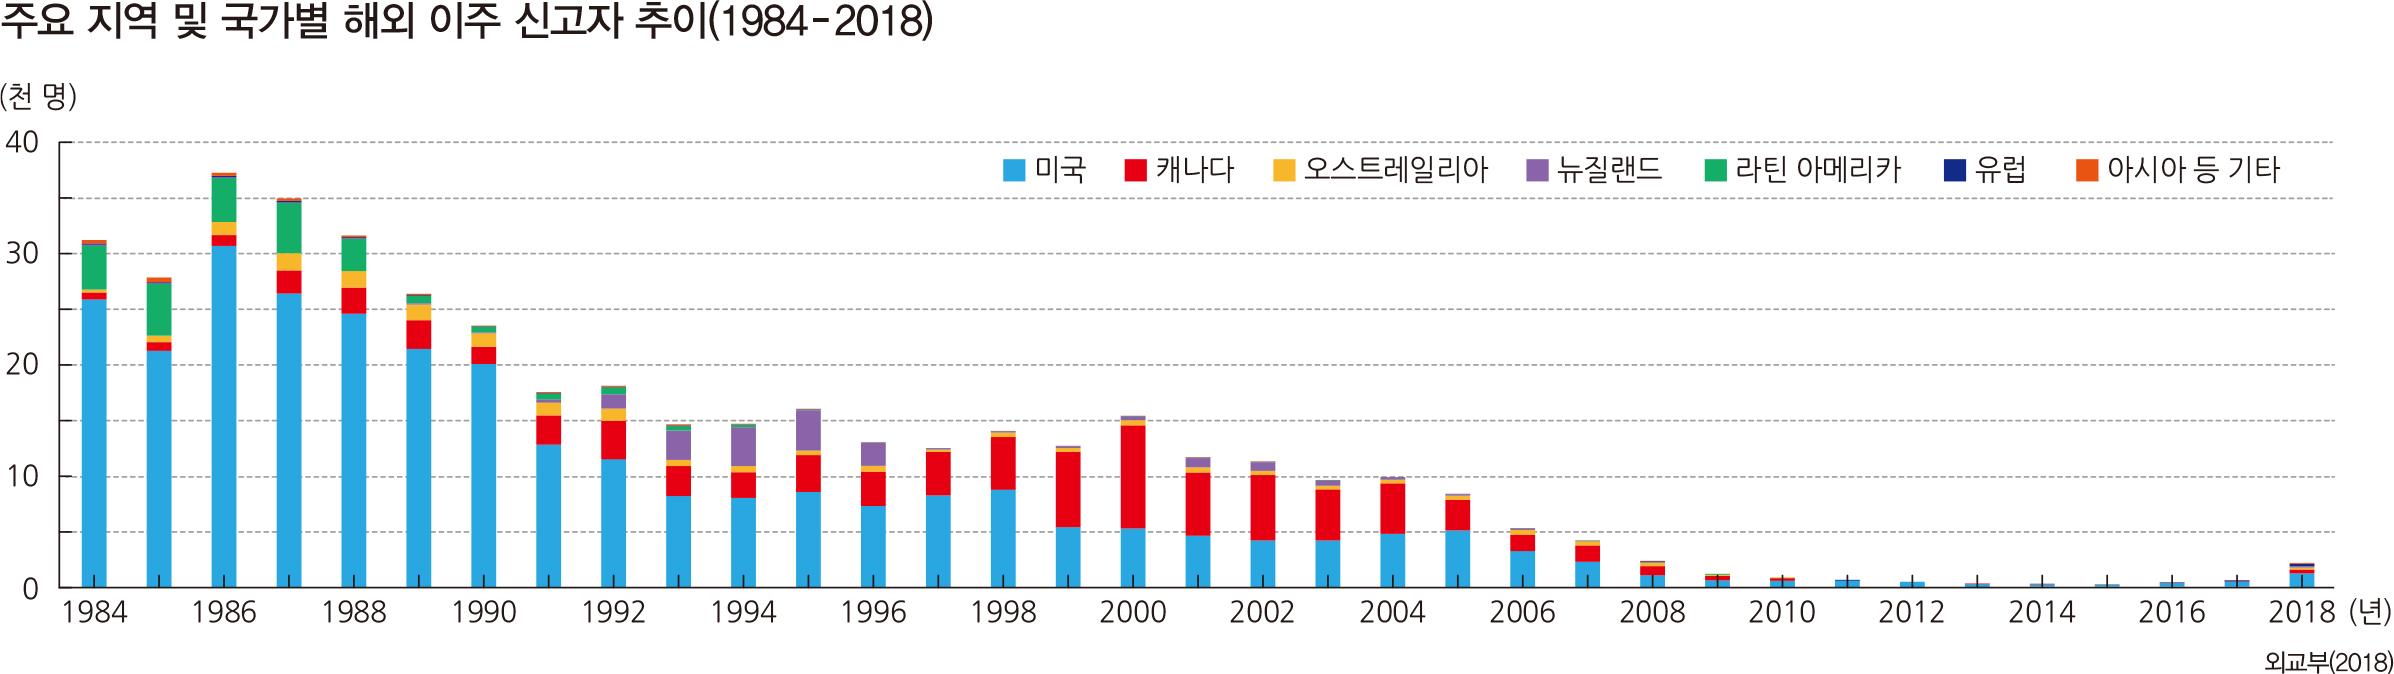 주요 지역 및 국가별 해외 이주 신고자 추이(1984‐2018)